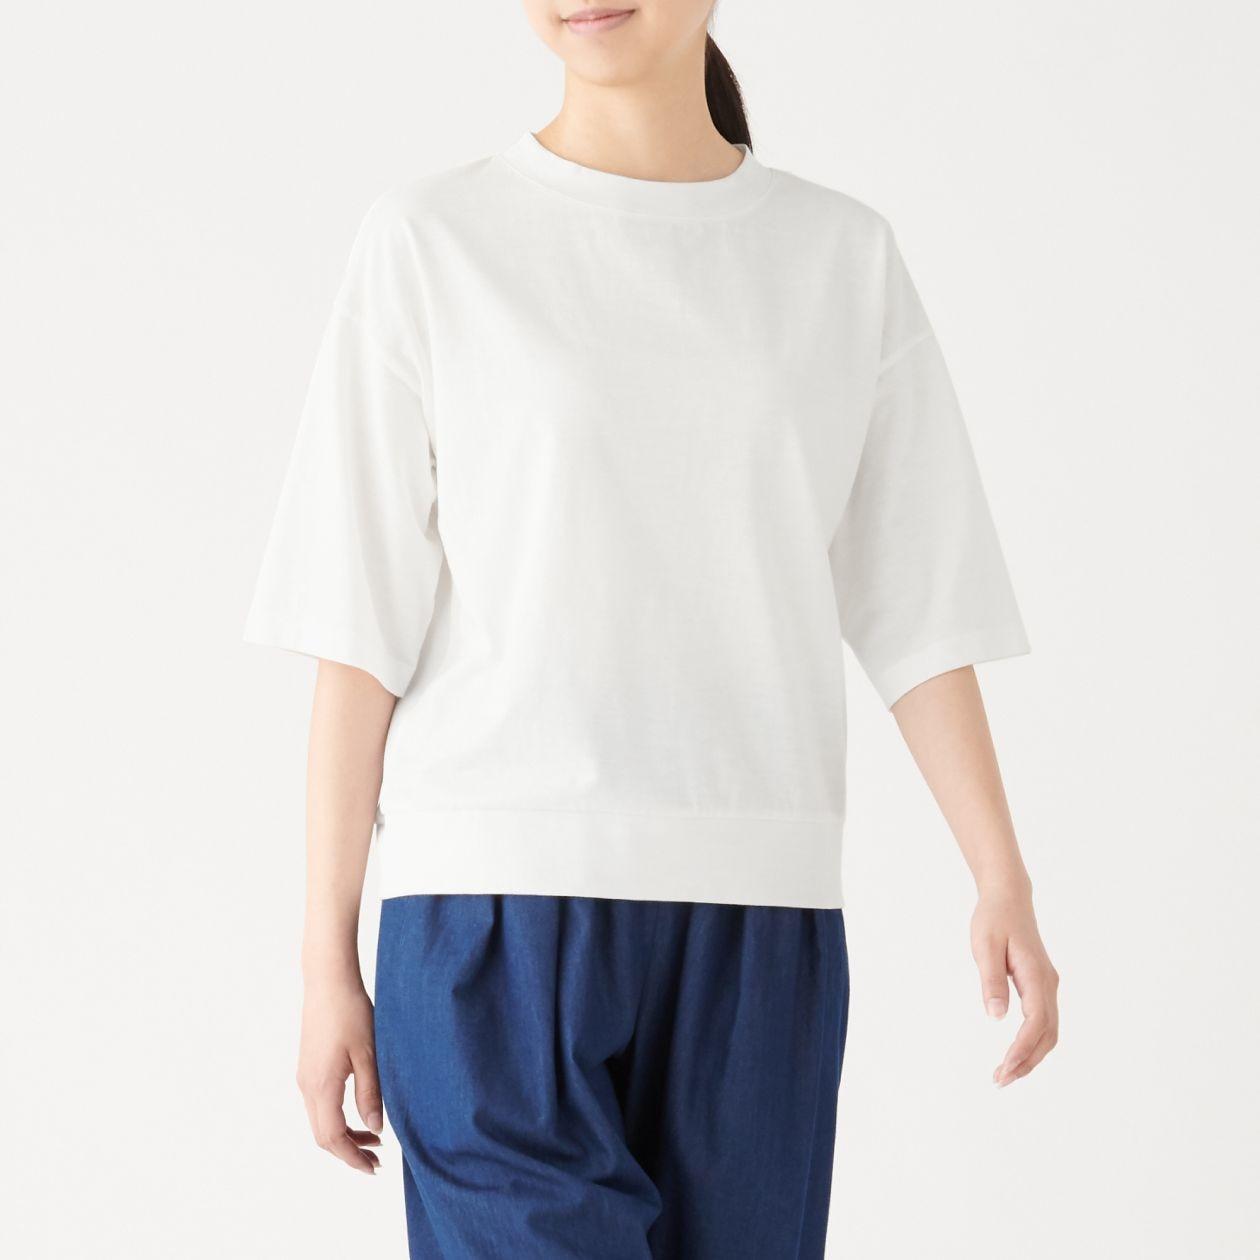 ムラ糸天竺編み五分袖Tシャツ